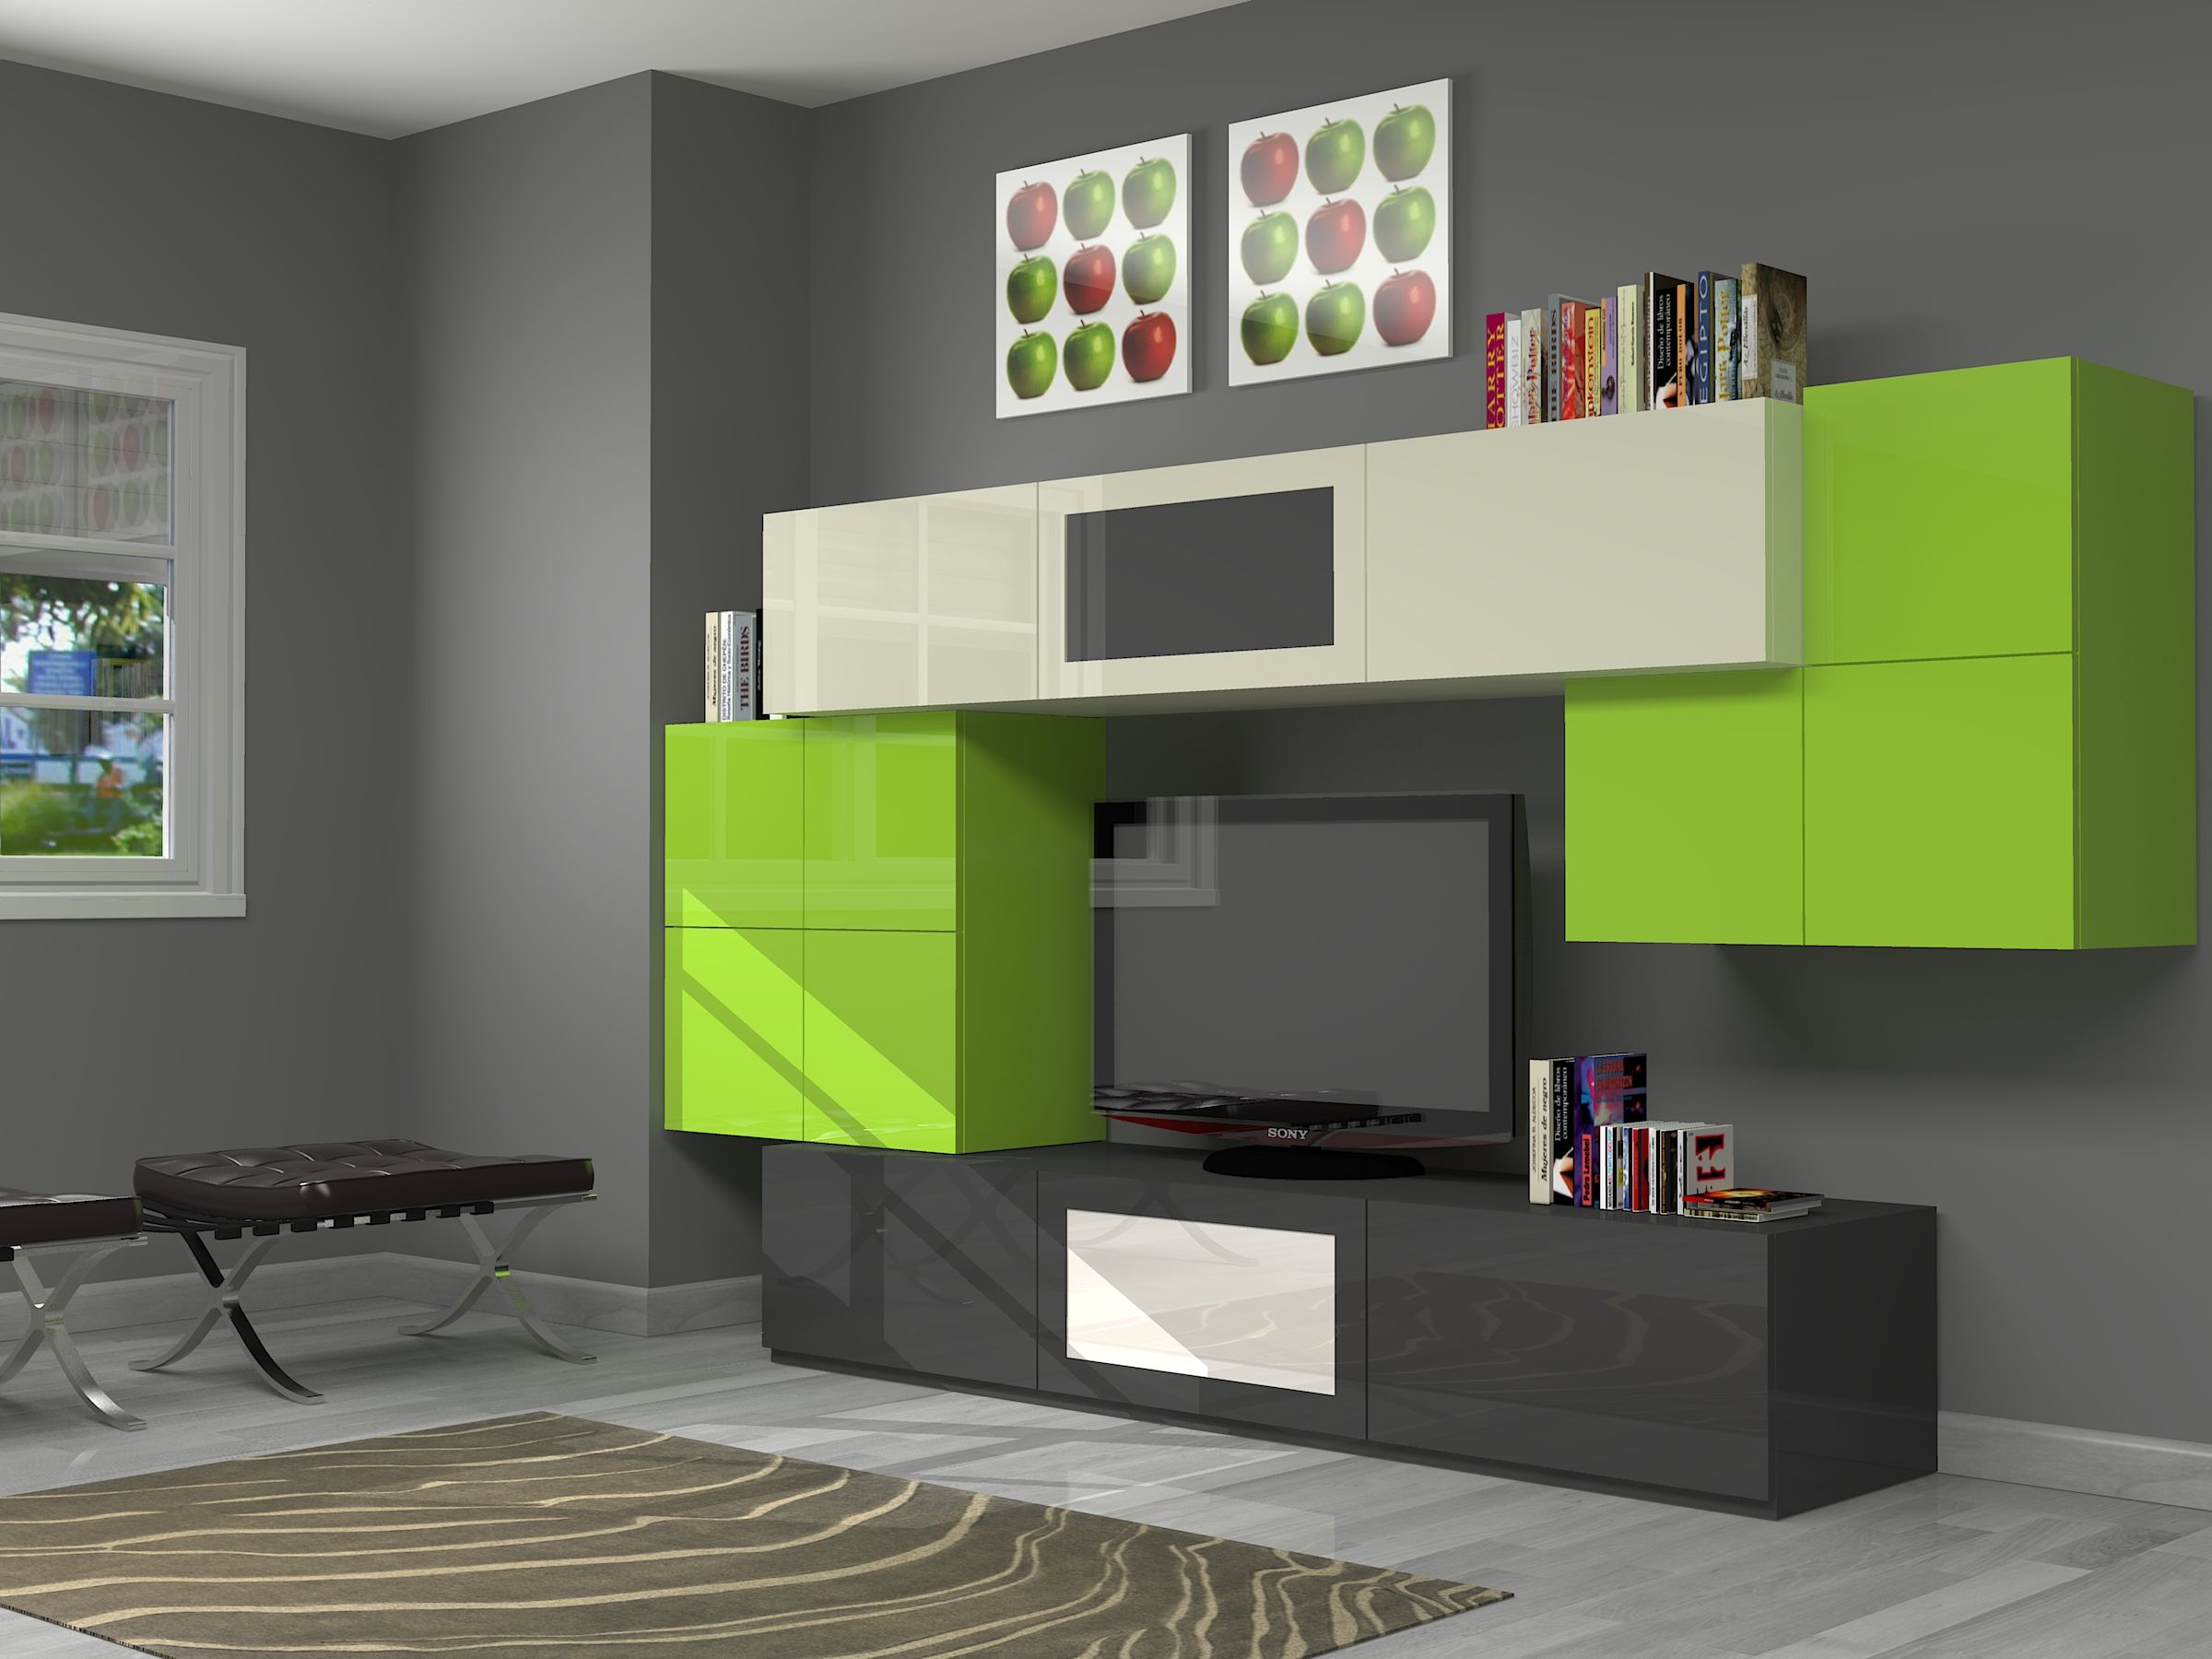 Muebles De Salon A Medida Nuestros Muebles De Saln A Medida Tipo  # Muebles Carre Sant Cugat